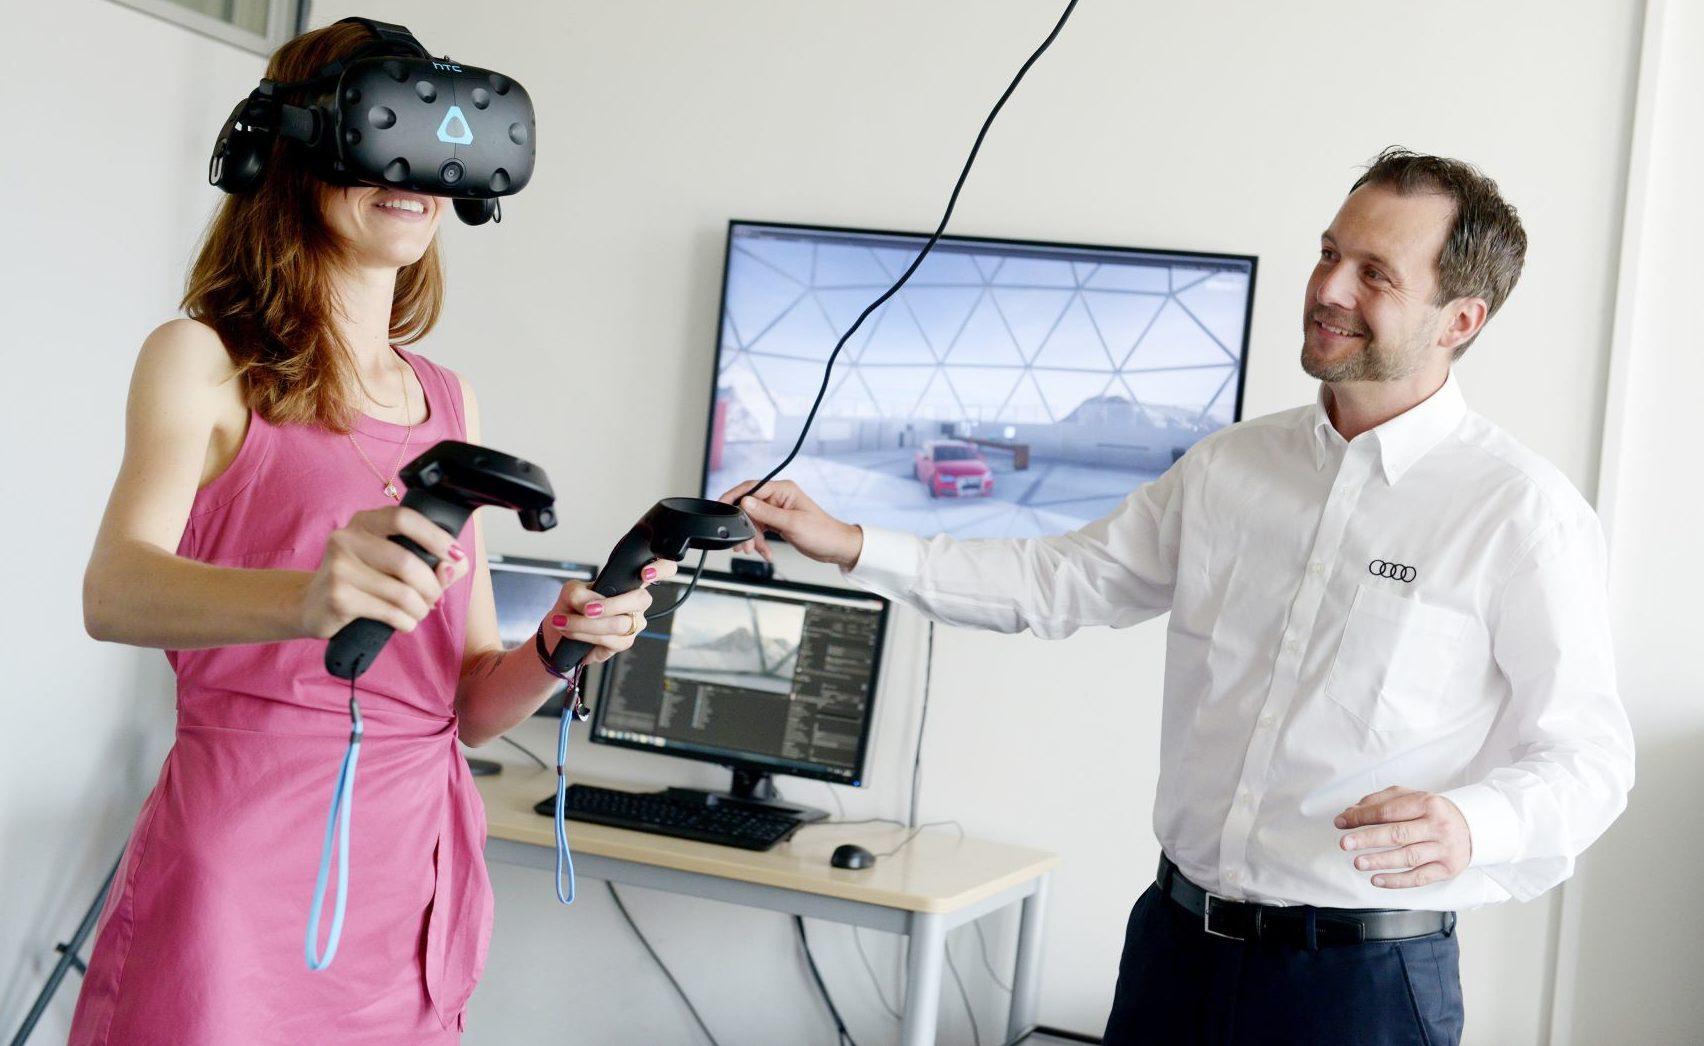 أودي تطور نظامًا متكاملاً للتعلم الرقمي وتخصص 80 مليون يورو سنوياً للتدريب